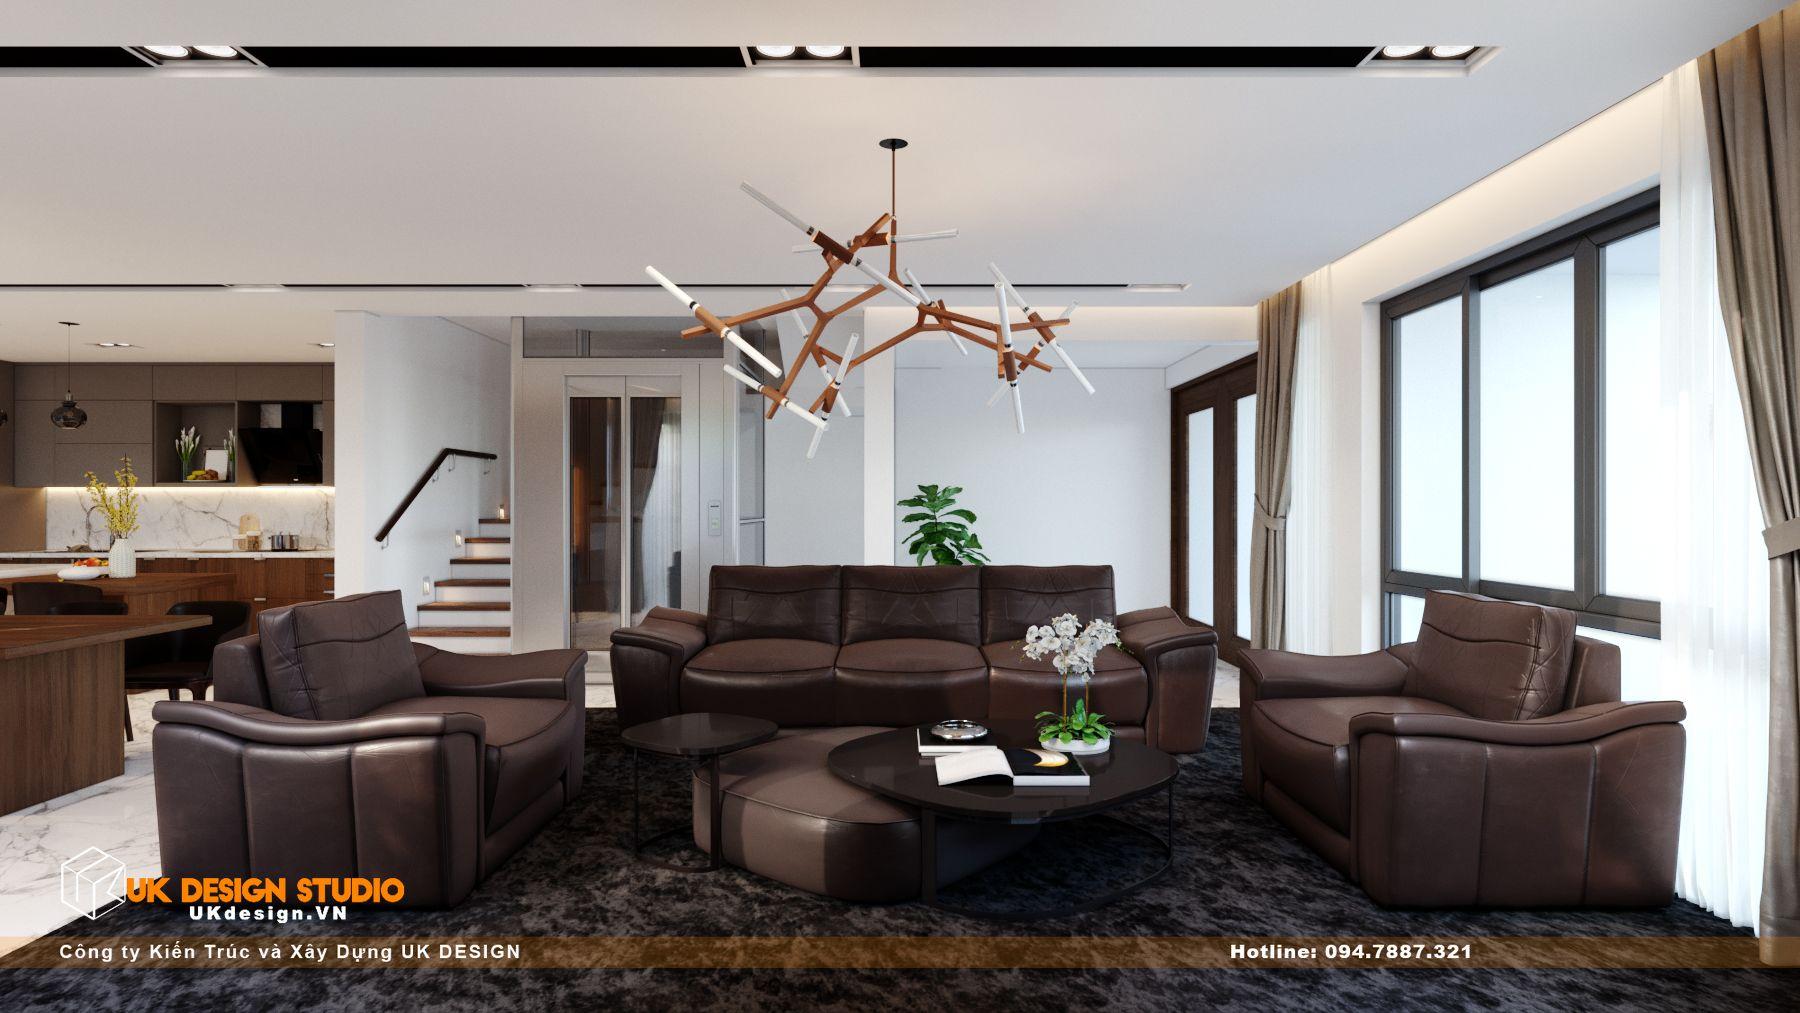 Thiết kế nội thất biệt thự nhà đẹp 3 tầng ở Quận 8 - Phòng Khách Bếp 1